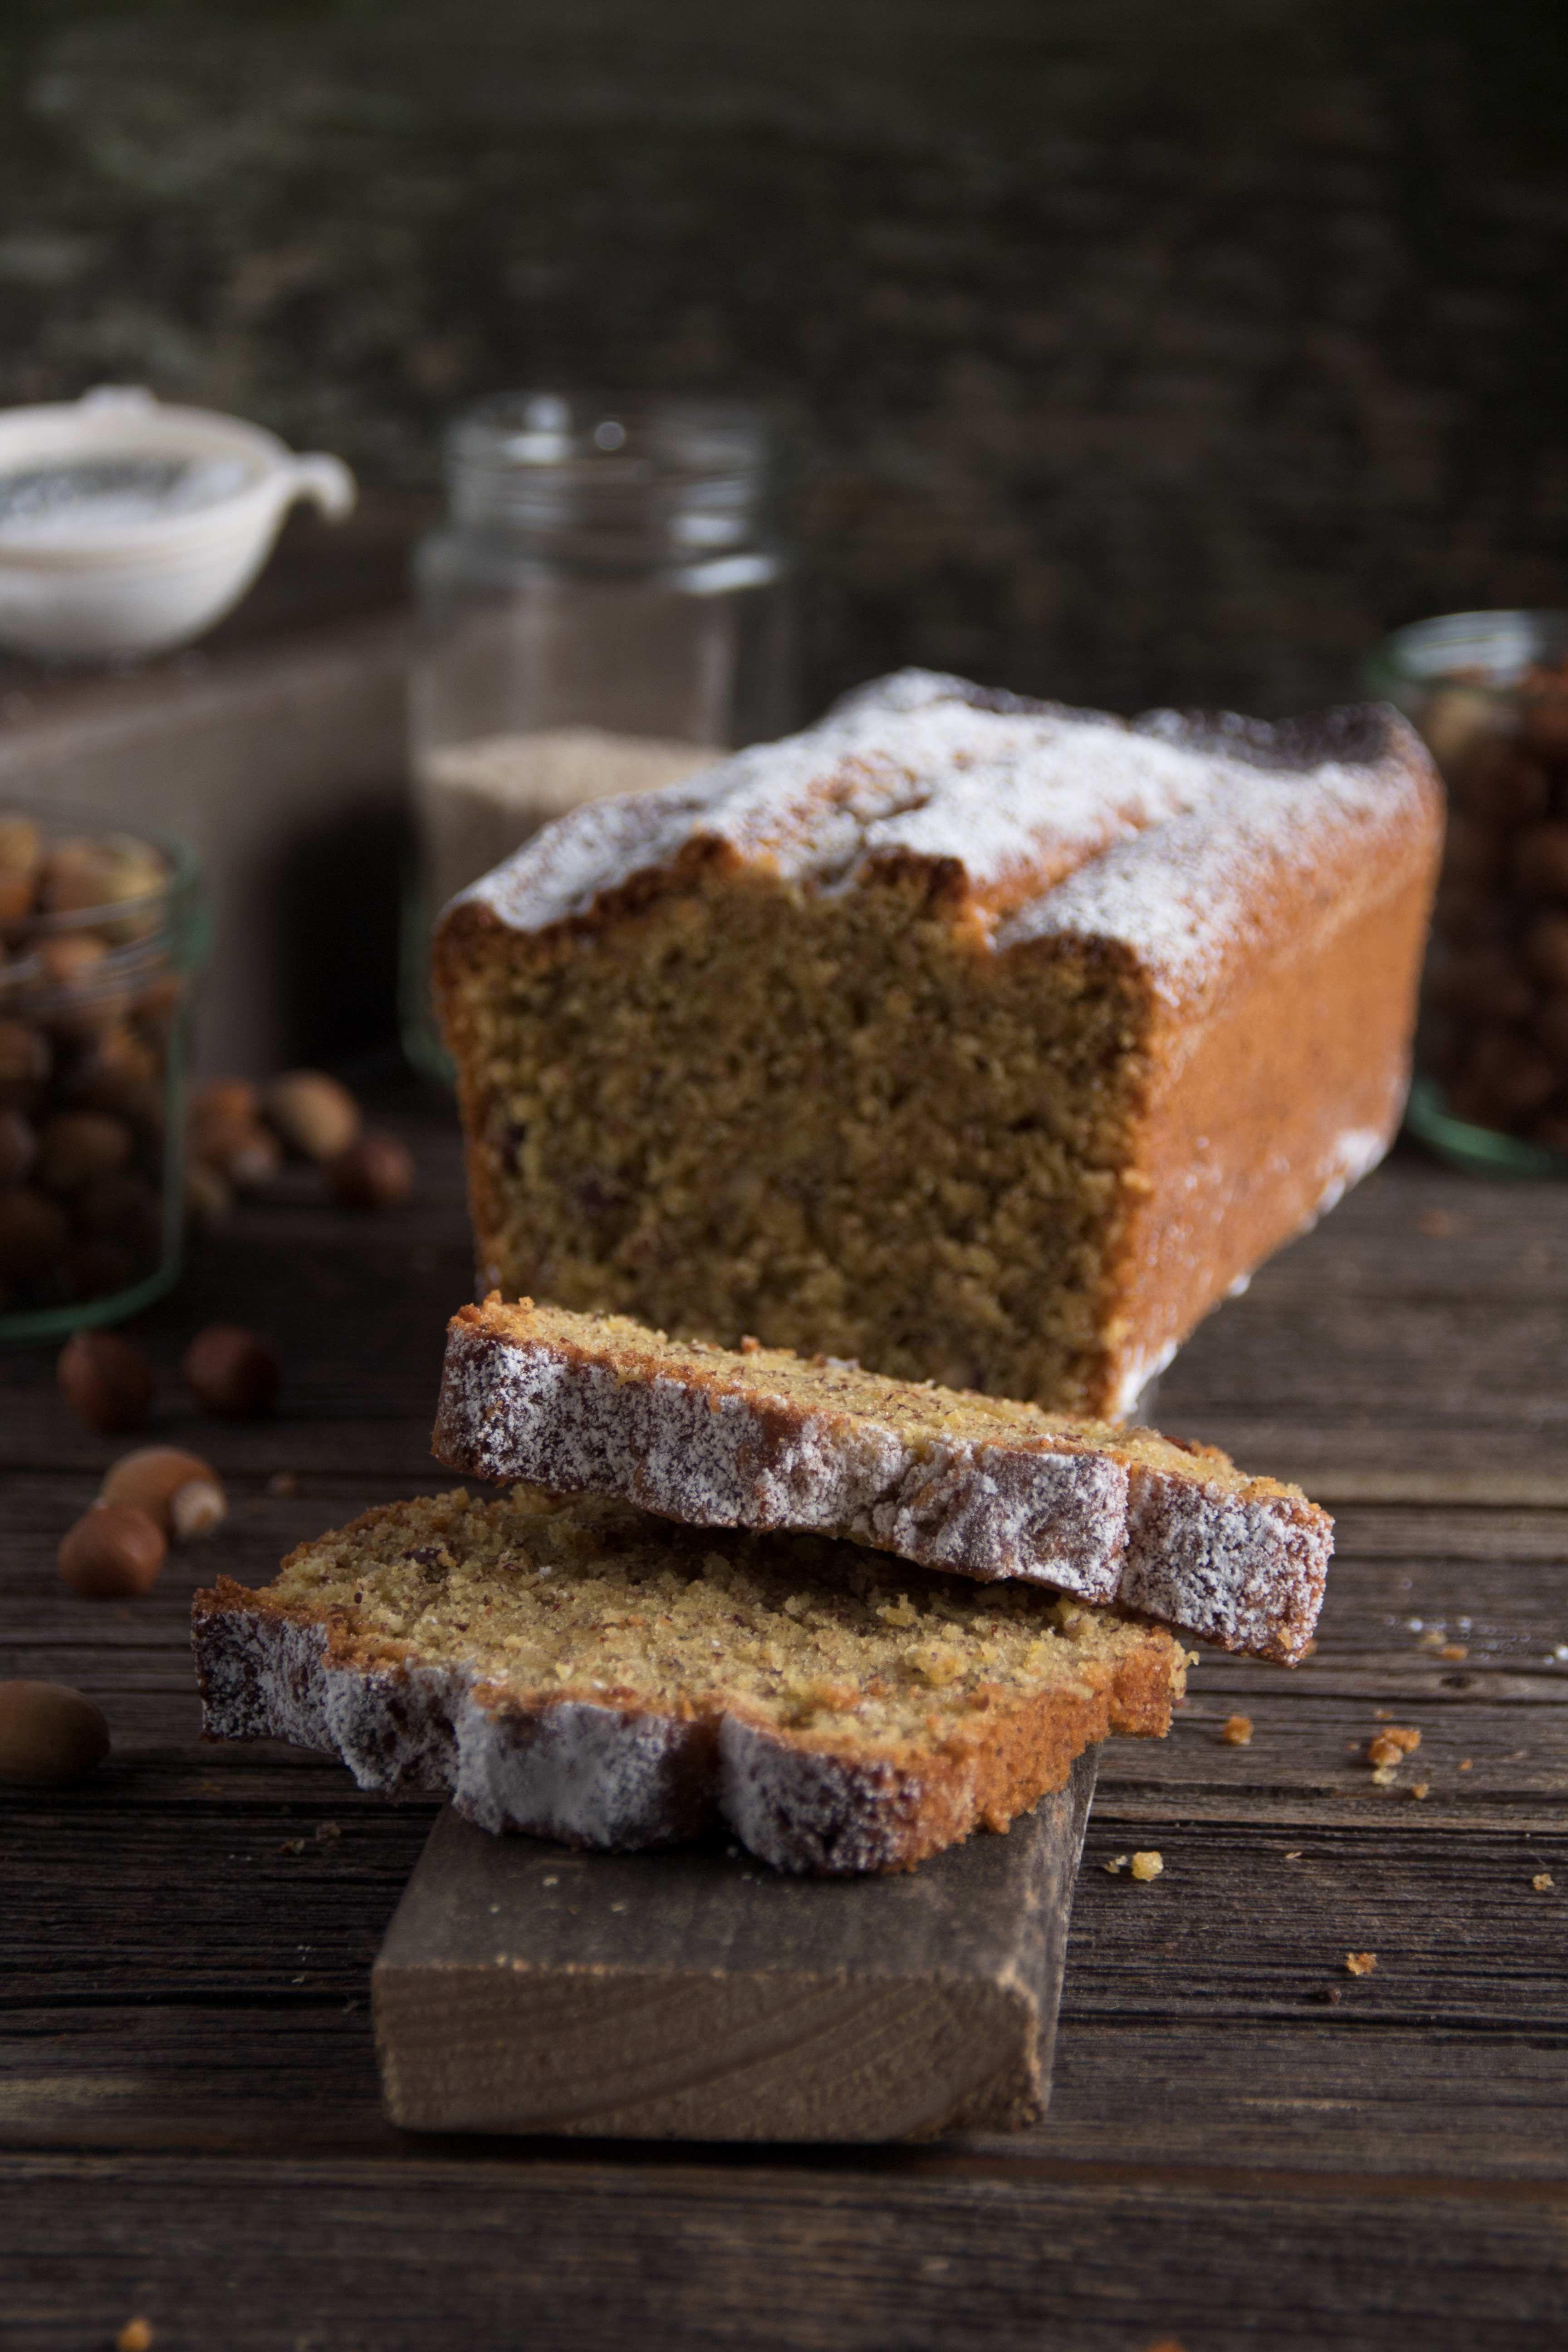 Saftiger Nusskuchen Ein Leckeres Rezept Fur Den Kalten Herbst Winter Saftiger Nusskuchen Nusskuchen Und Winter Kuchen